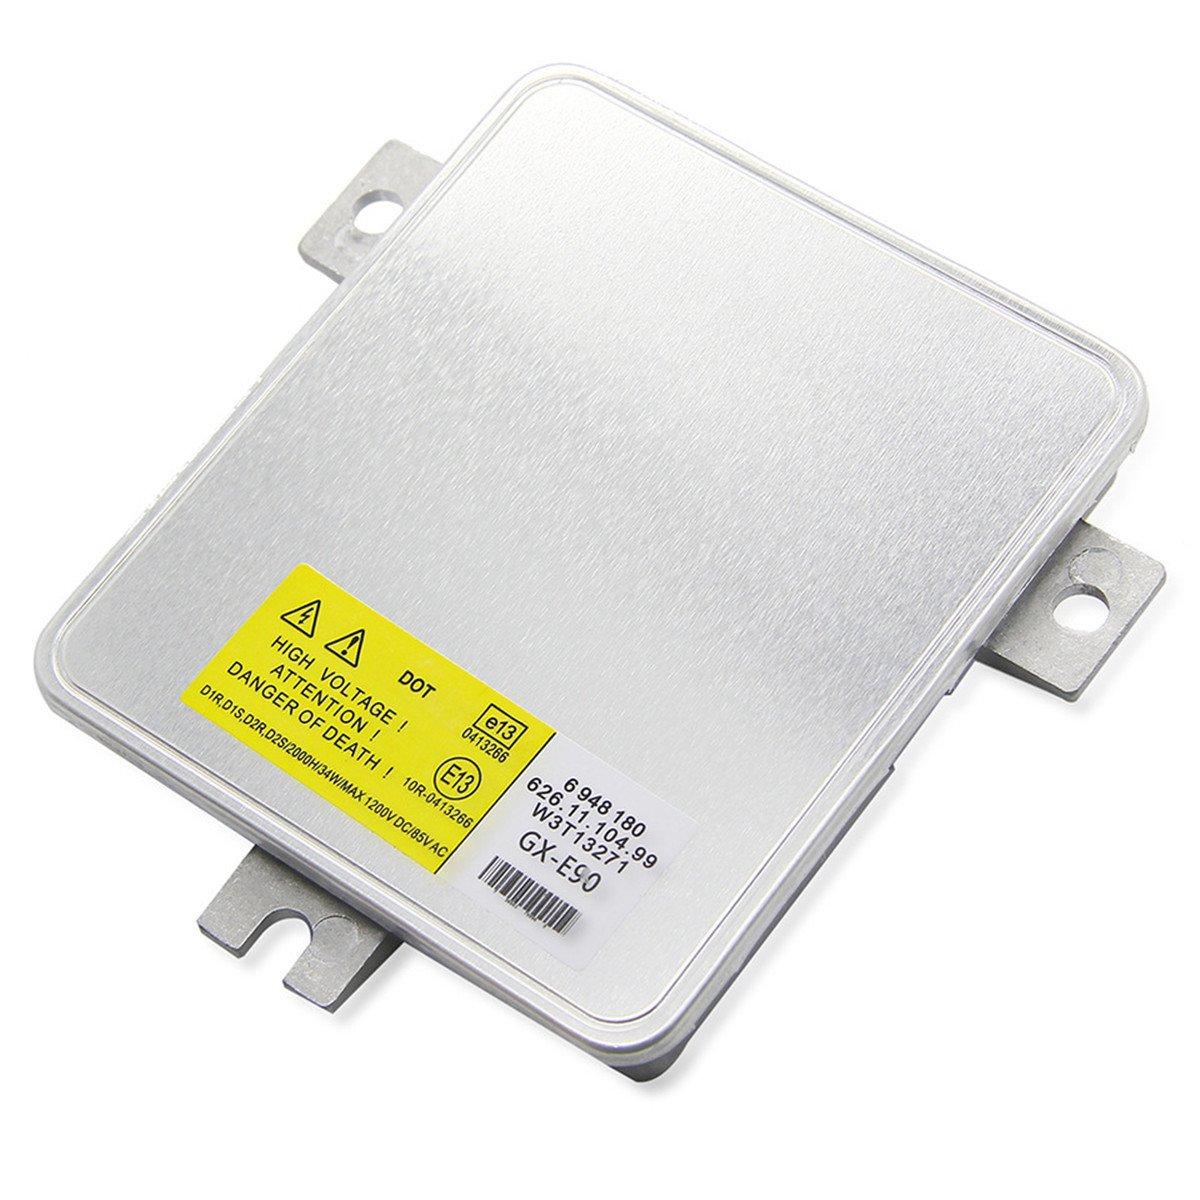 FEZZ Car D1S Xenon HID Headlight Ballast Control Module OEM 6948180 63126948180 W3T13271 12V 35W for E90 E91 06-08